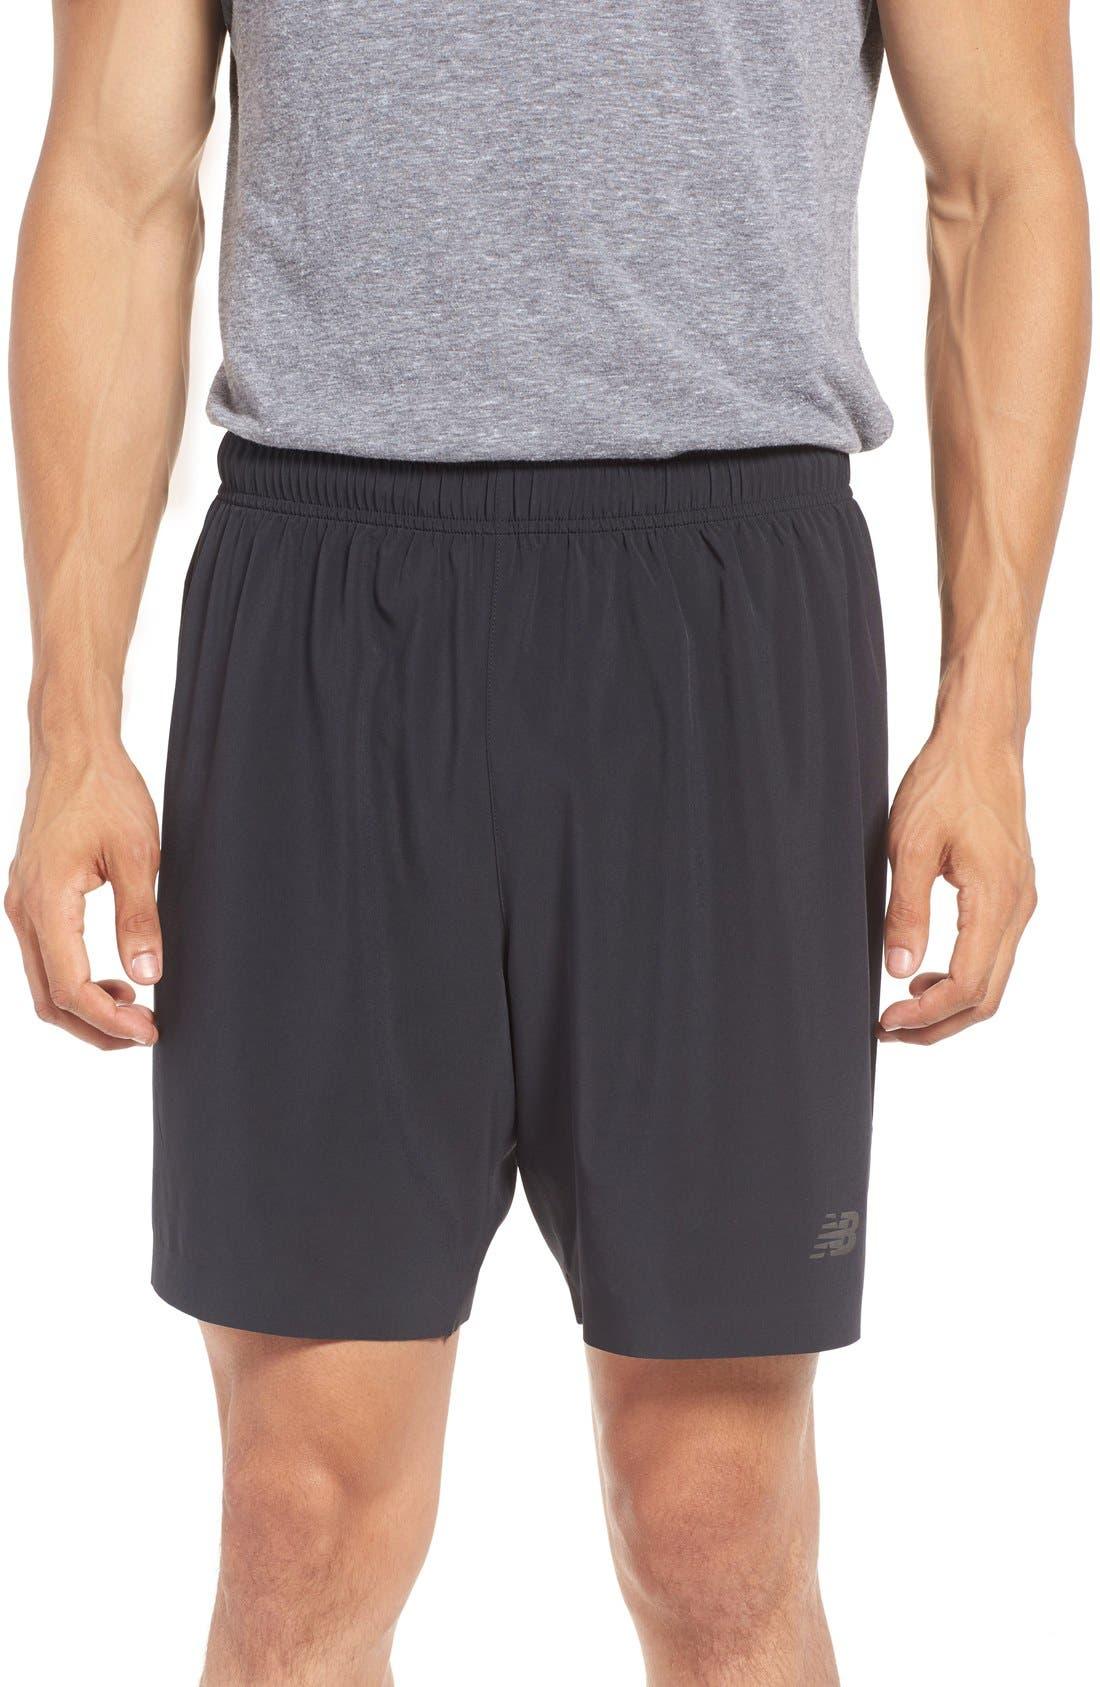 Alternate Image 1 Selected - New Balance 'Shift' Athletic Fit Training Shorts